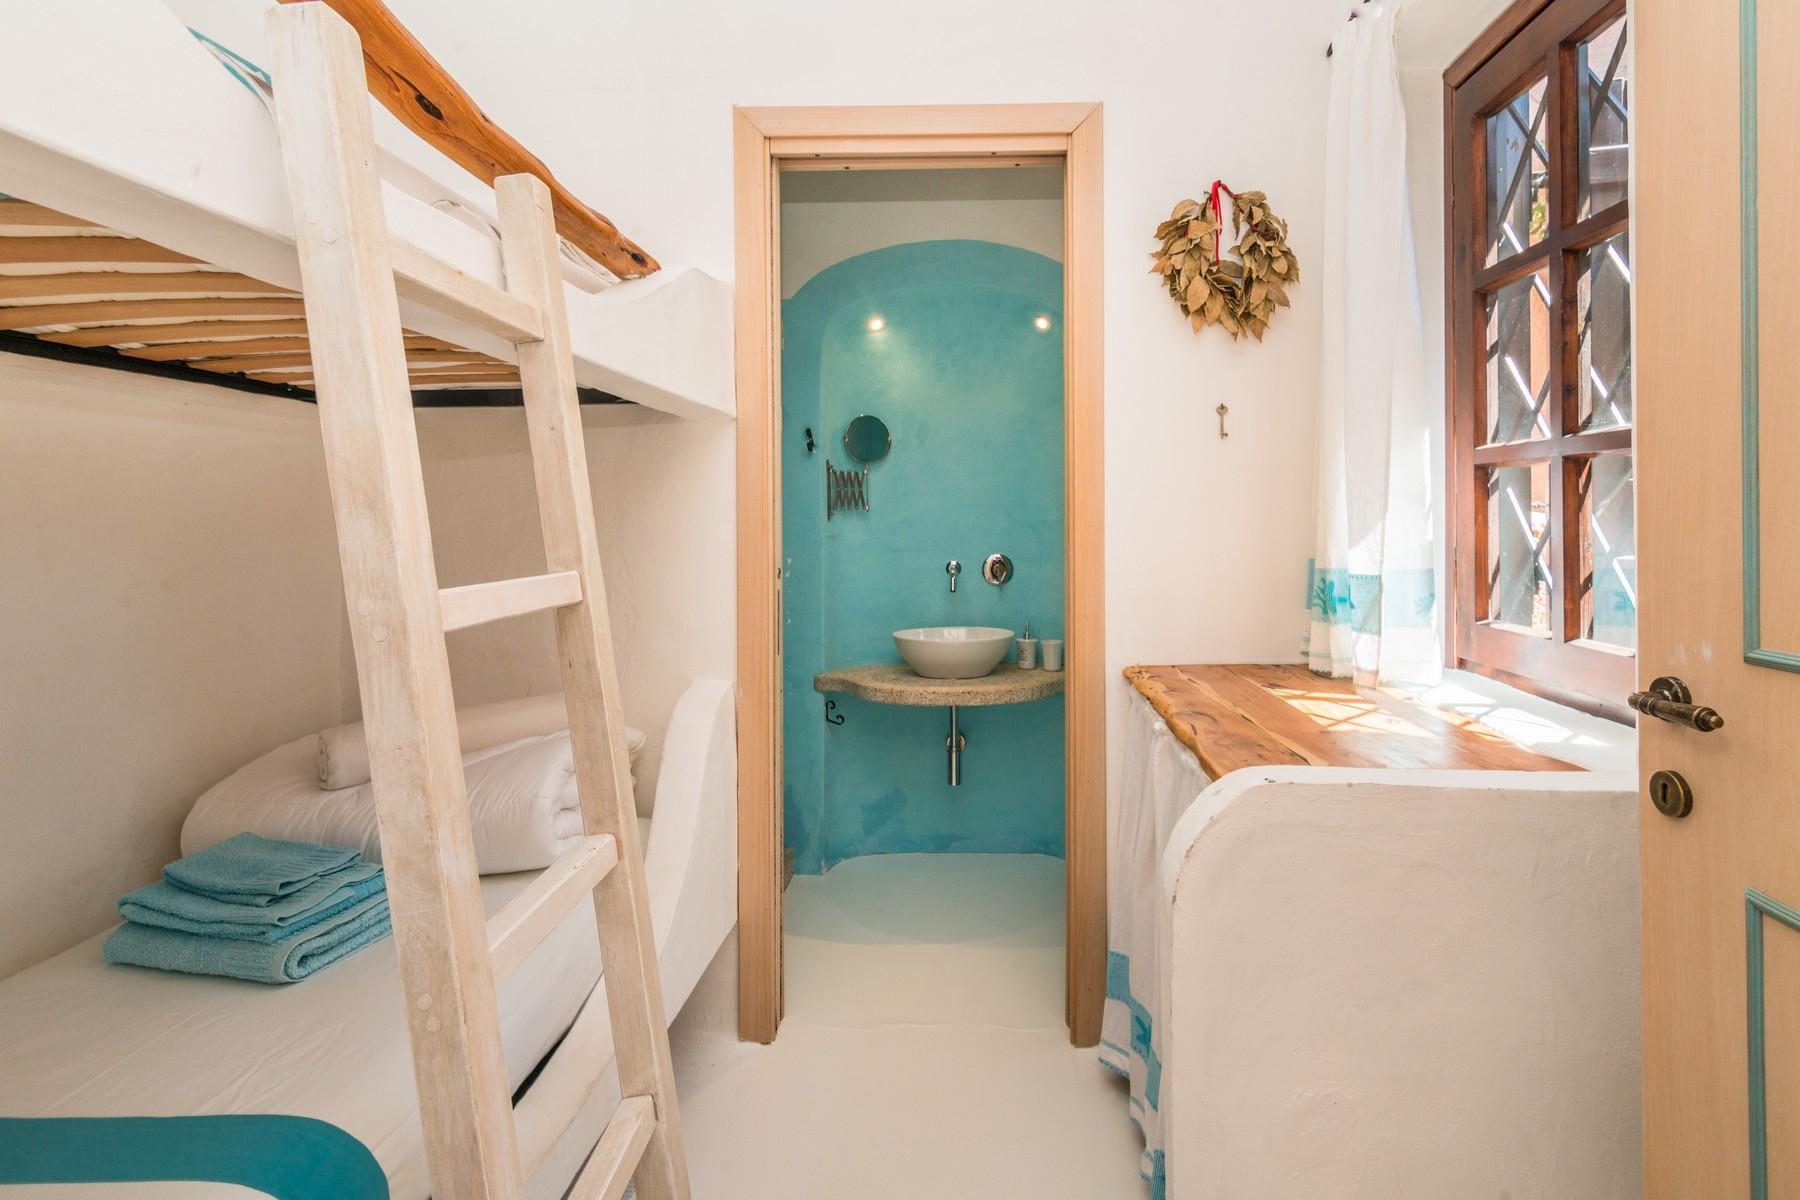 Casa indipendente in Vendita a Arzachena: 4 locali, 60 mq - Foto 11